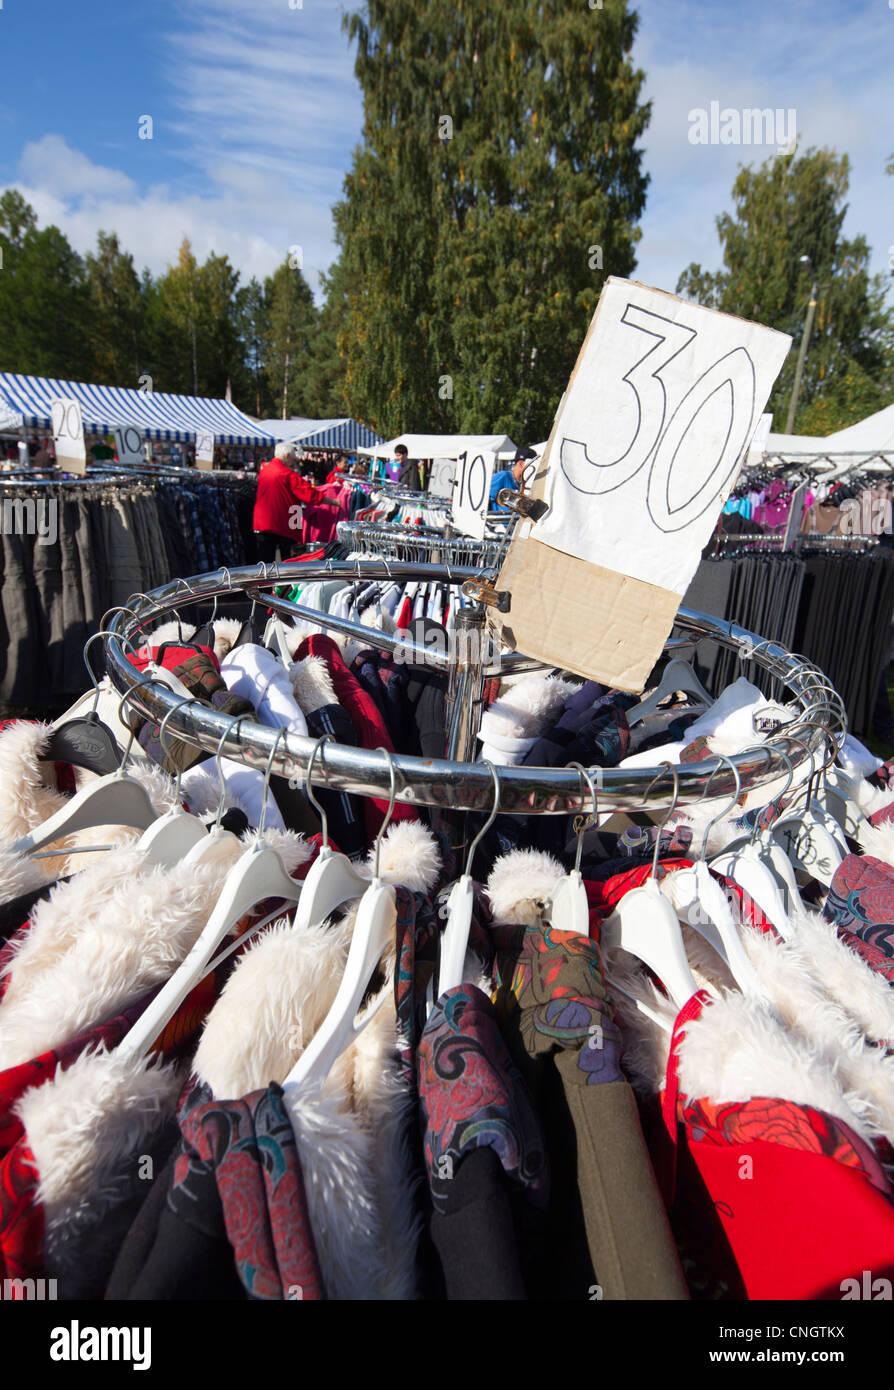 Ropa en venta en las ventas en la calle Pestuumarkkinat pasando en Finlandia Rautalampi Imagen De Stock